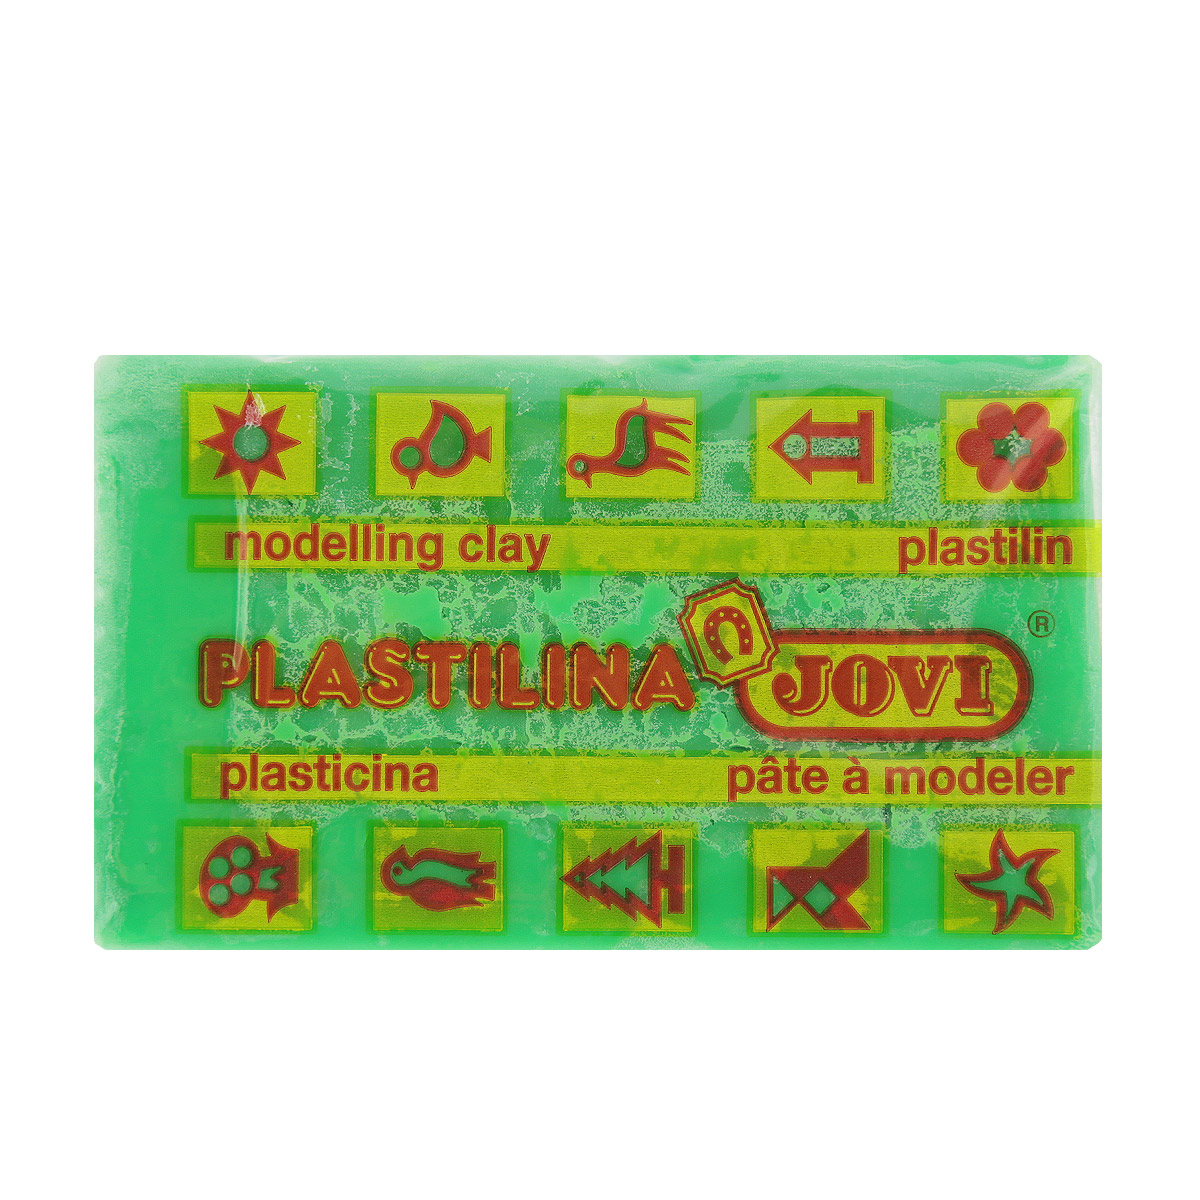 Jovi Пластилин, цвет: зеленый, 50 г70/30U_зеленыйПластилин Jovi - лучший выбор для лепки, он обладает превосходными изобразительными возможностями и поэтому дает простор воображению и самым смелым творческим замыслам. Пластилин, изготовленный на растительной основе, очень мягкий, легко разминается и смешивается, не пачкает руки и не прилипает к рабочей поверхности. Пластилин пригоден для создания аппликаций и поделок, ручной лепки, моделирования на каркасе, пластилиновой живописи - рисовании пластилином по бумаге, картону, дереву или текстилю. Пластические свойства сохраняются в течение 5 лет.